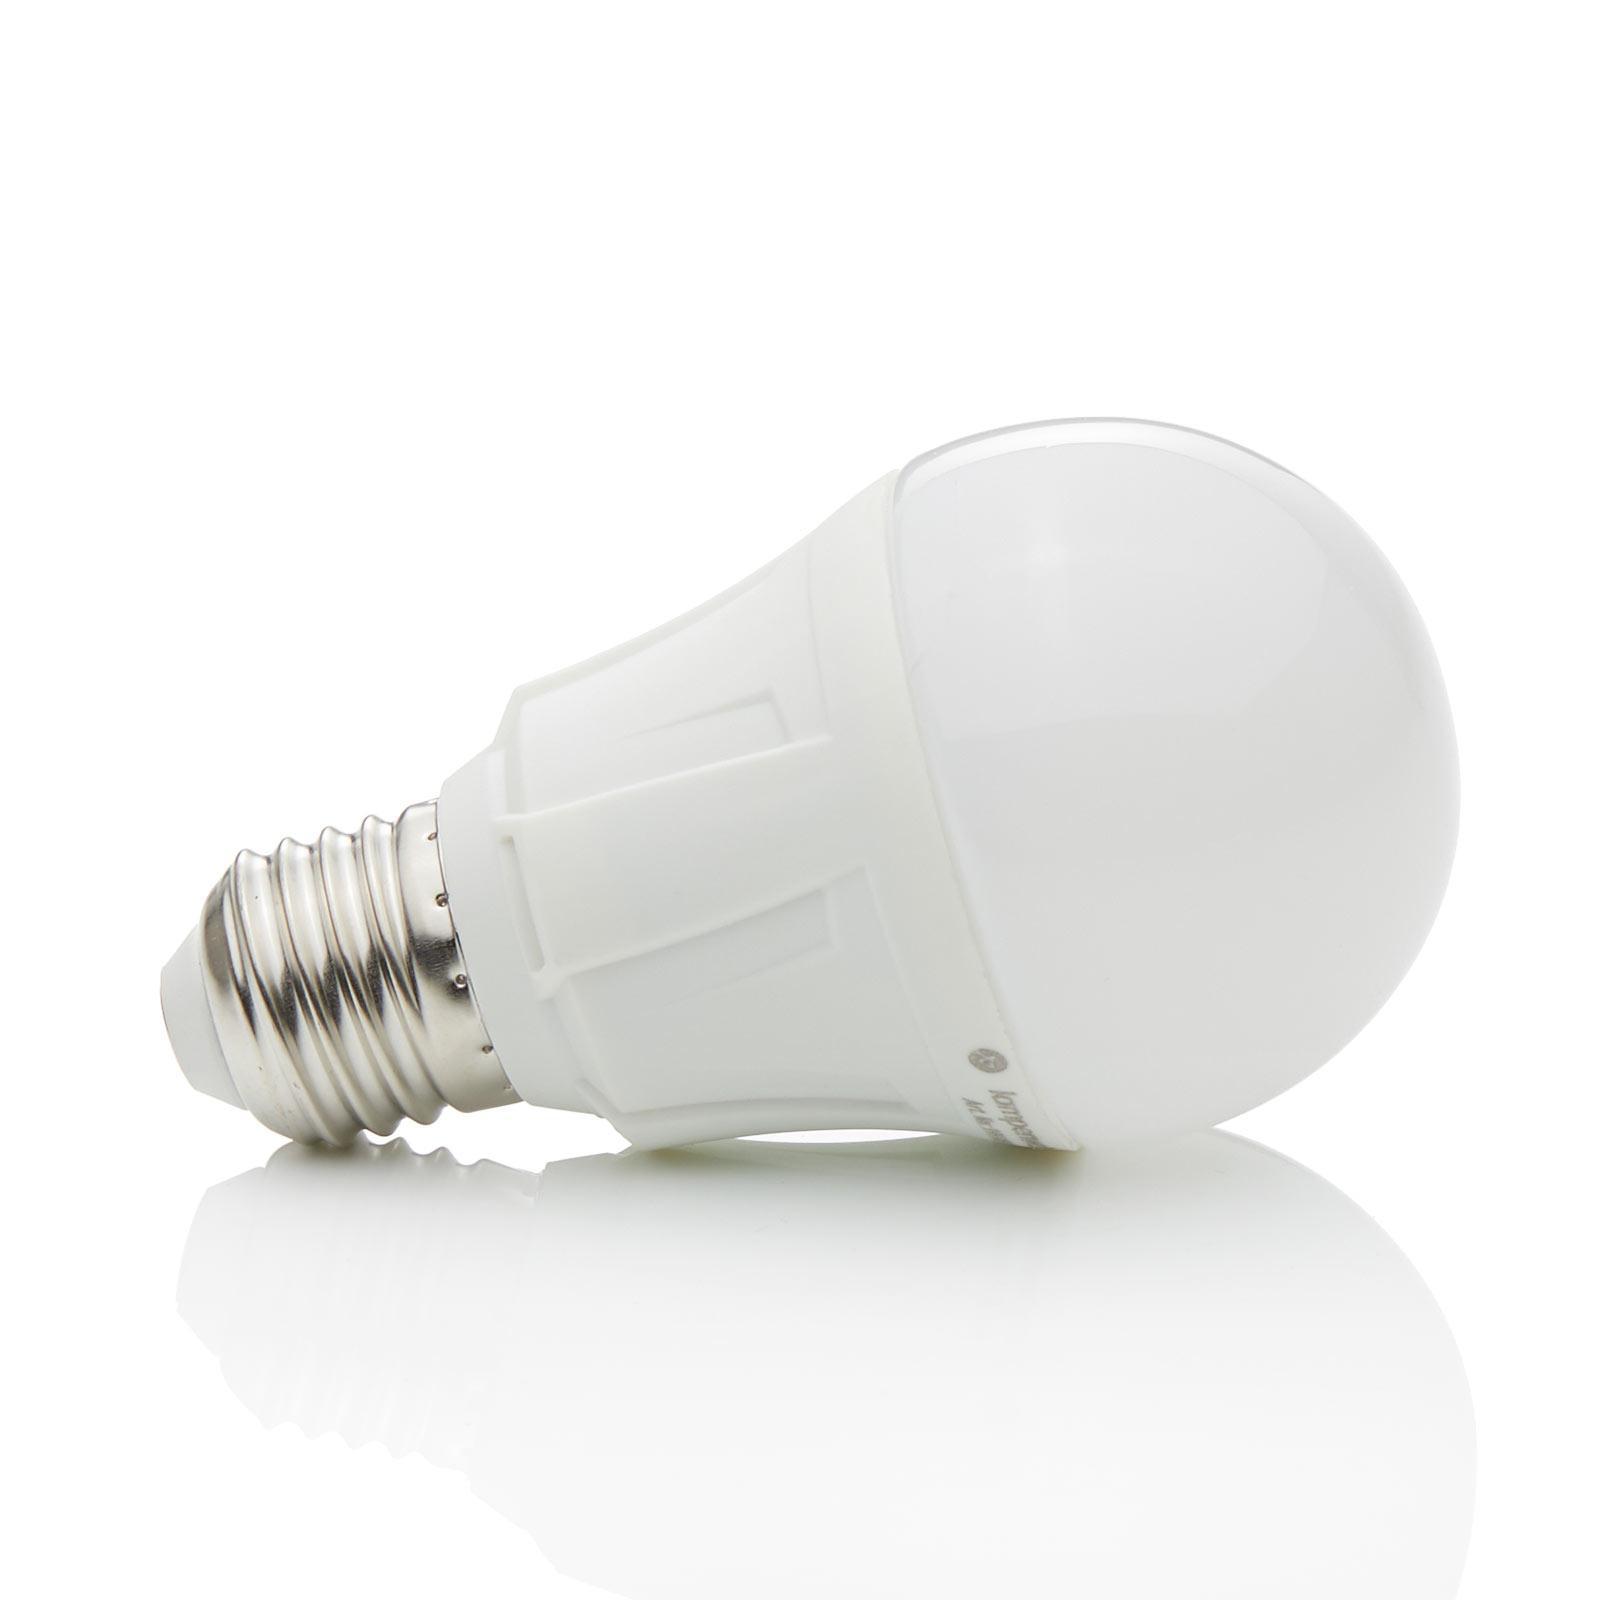 E27 11W 830 LED bulb, warm white_9993002_1